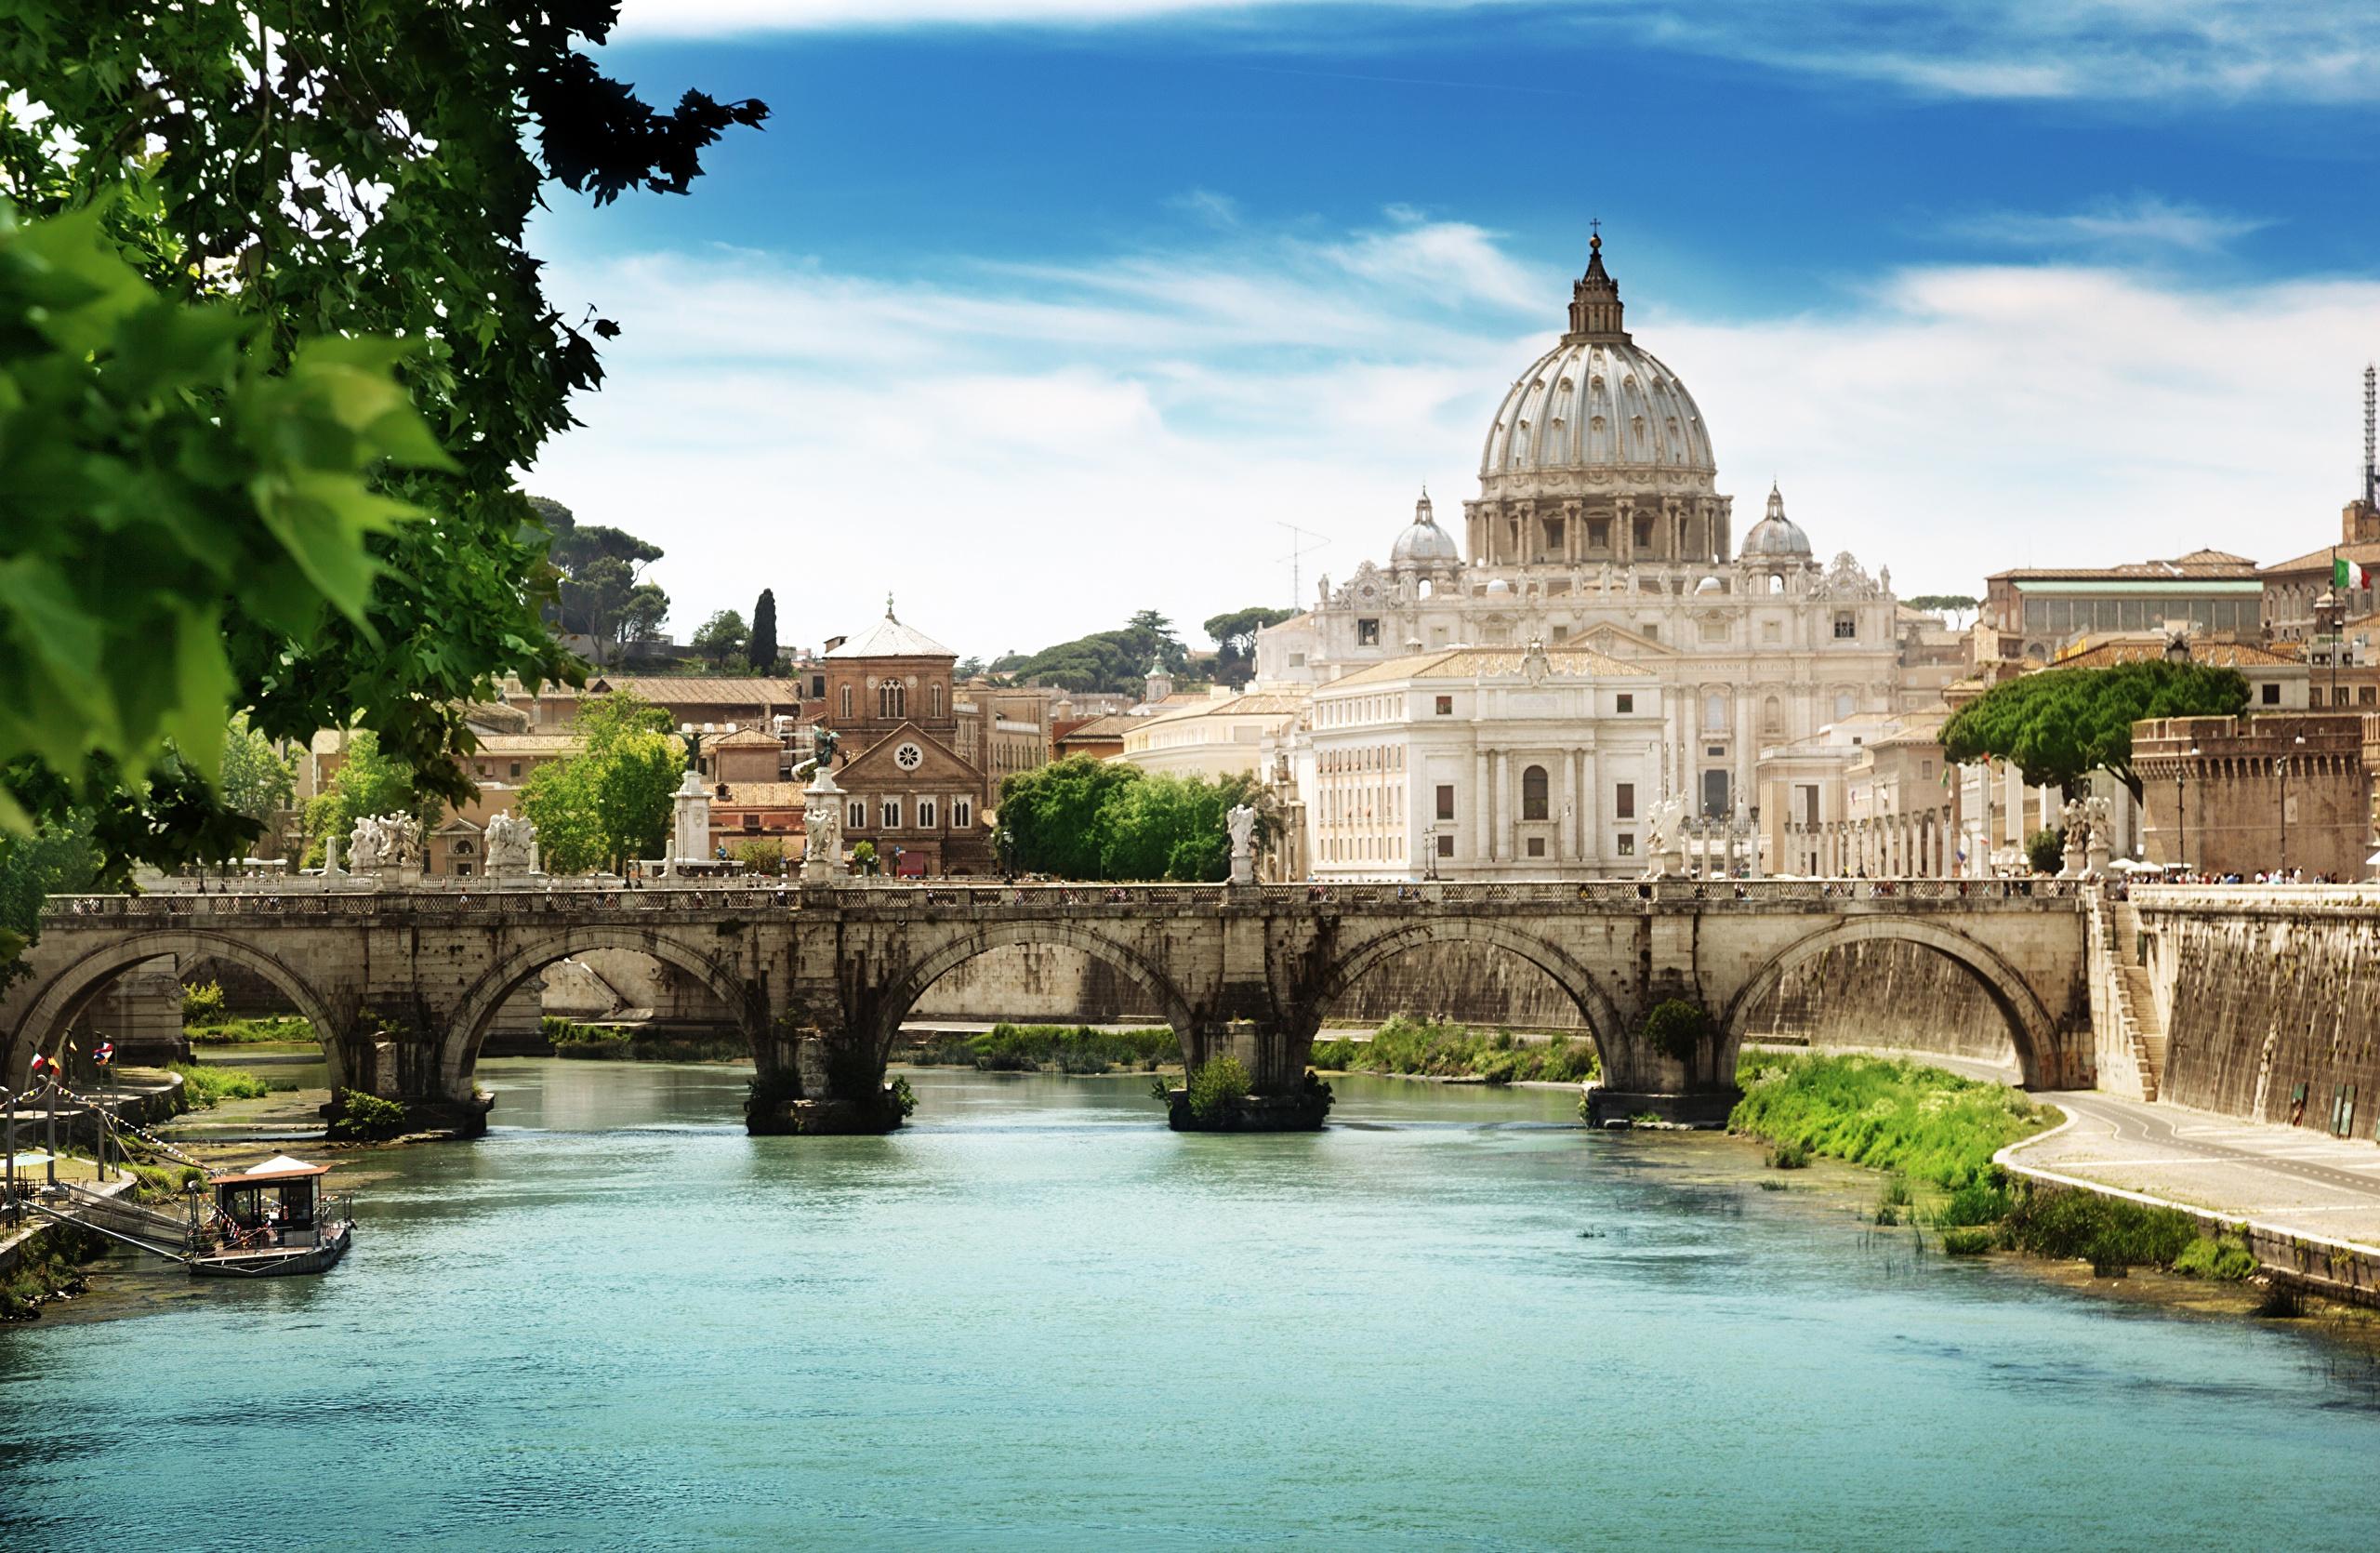 страны архитектура Рим Италия скачать